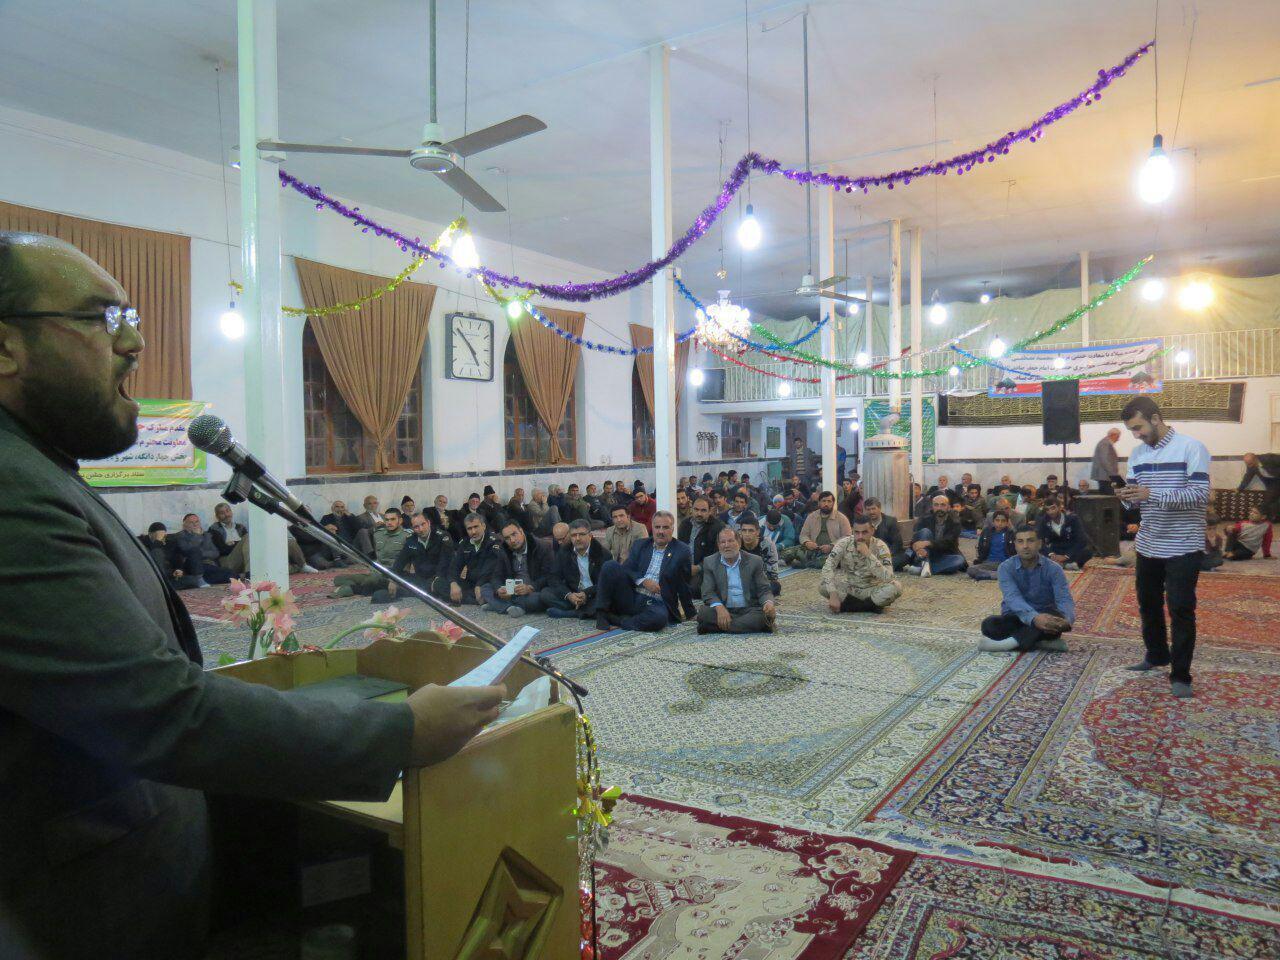 جشن میلاد حضرت رسول اکرم و امام صادق(ع) در شهر کیاسر برگزار شد